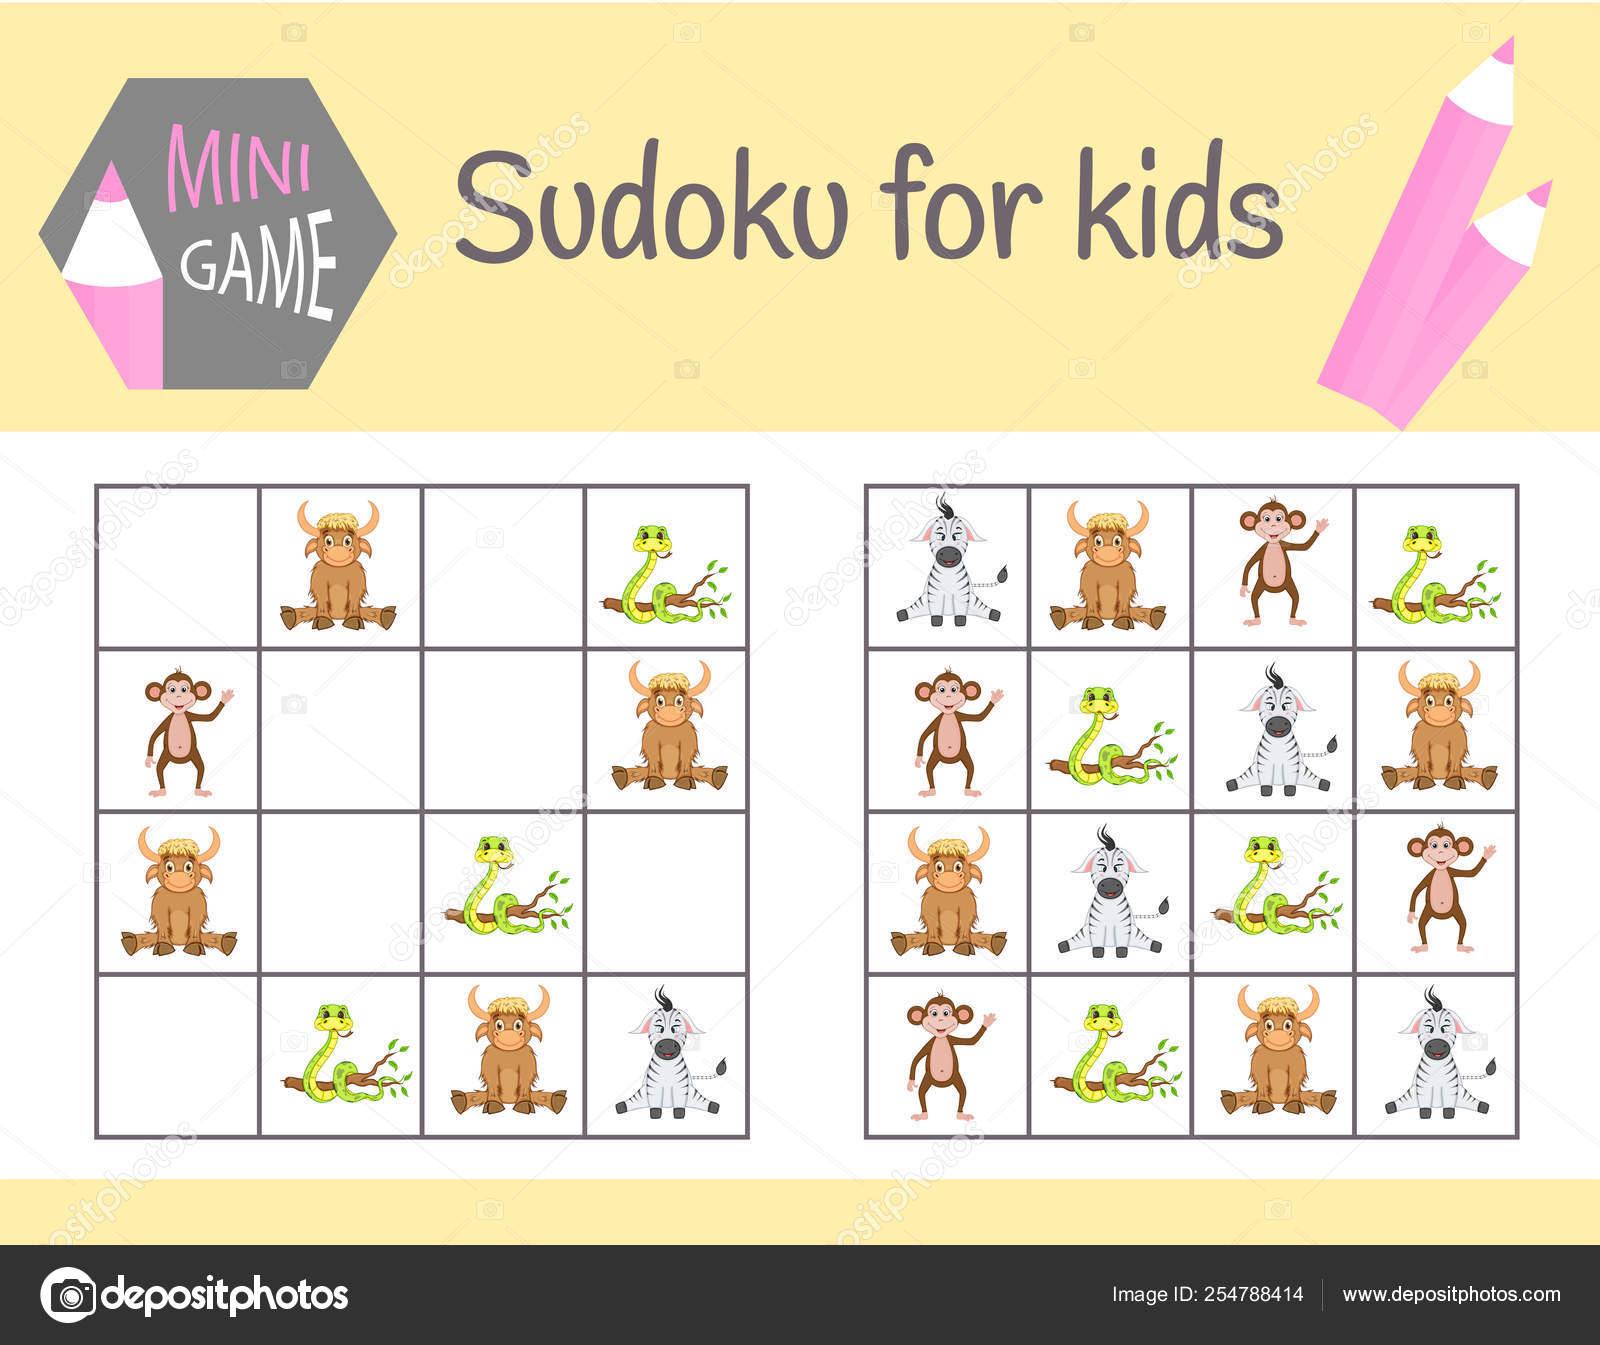 Sudoku Jeu Pour Les Enfants Avec Des Images Et Des Animaux à Sudoku Animaux Maternelle